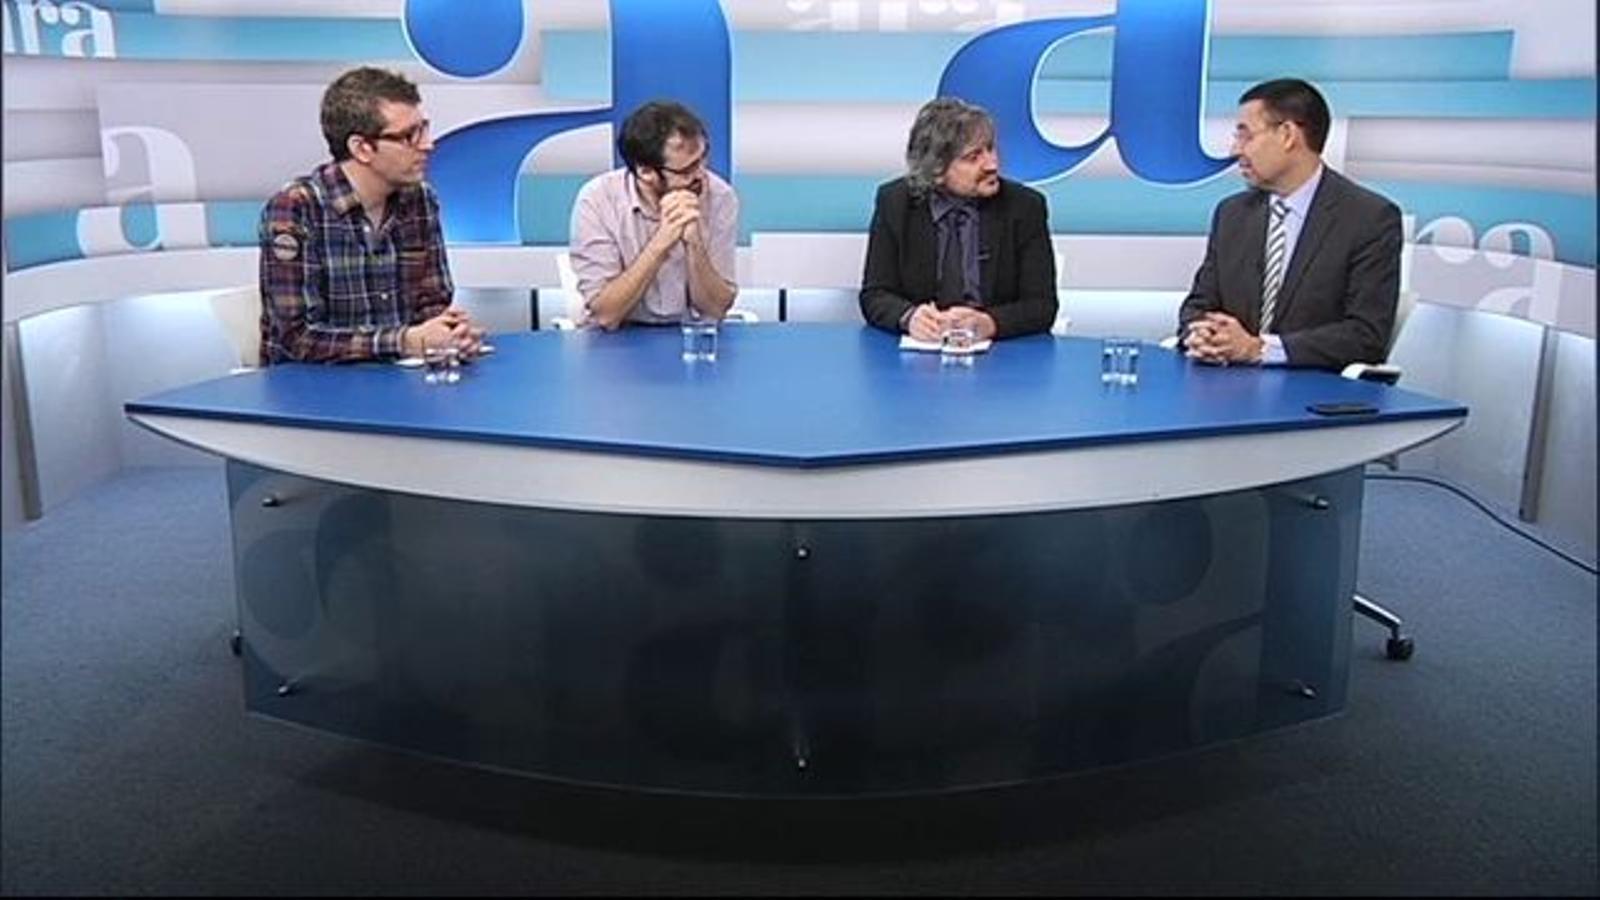 Josep Maria Bartomeu: Les decisions les prenc amb certa fredor positiva, reflexiono molt